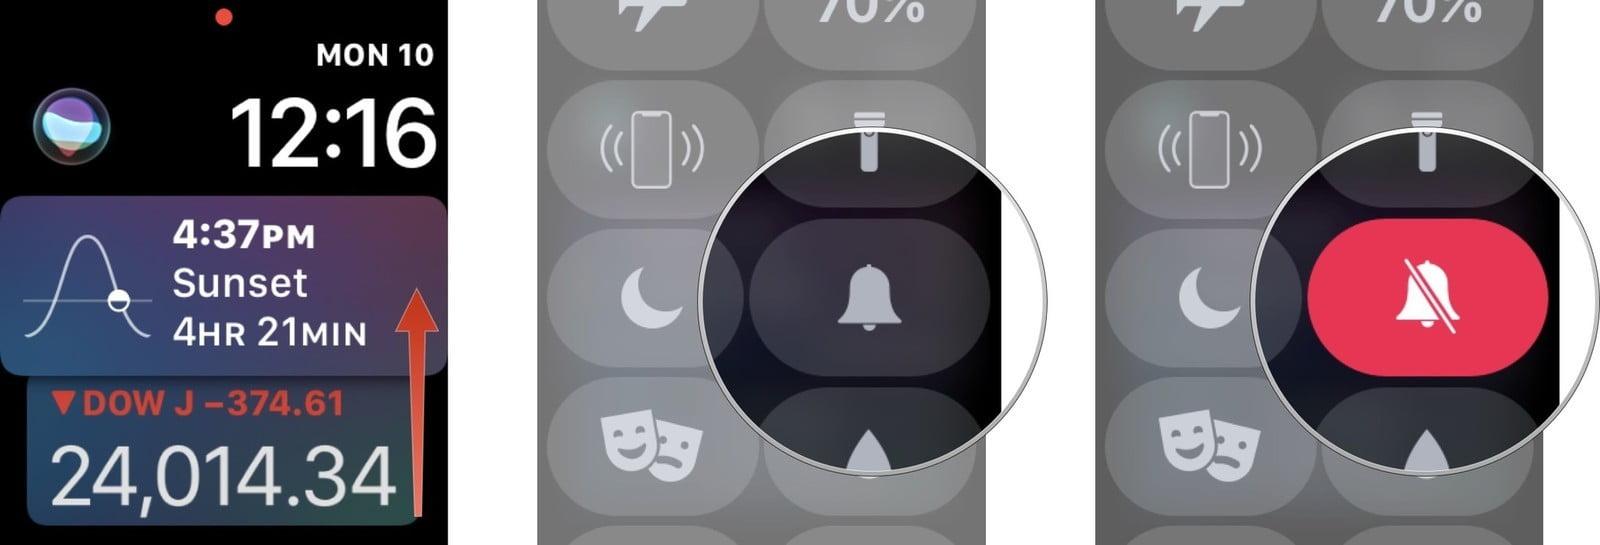 Apple Watch'ta Zil Sesi ve Uyarılar Nasıl Kapatılır?